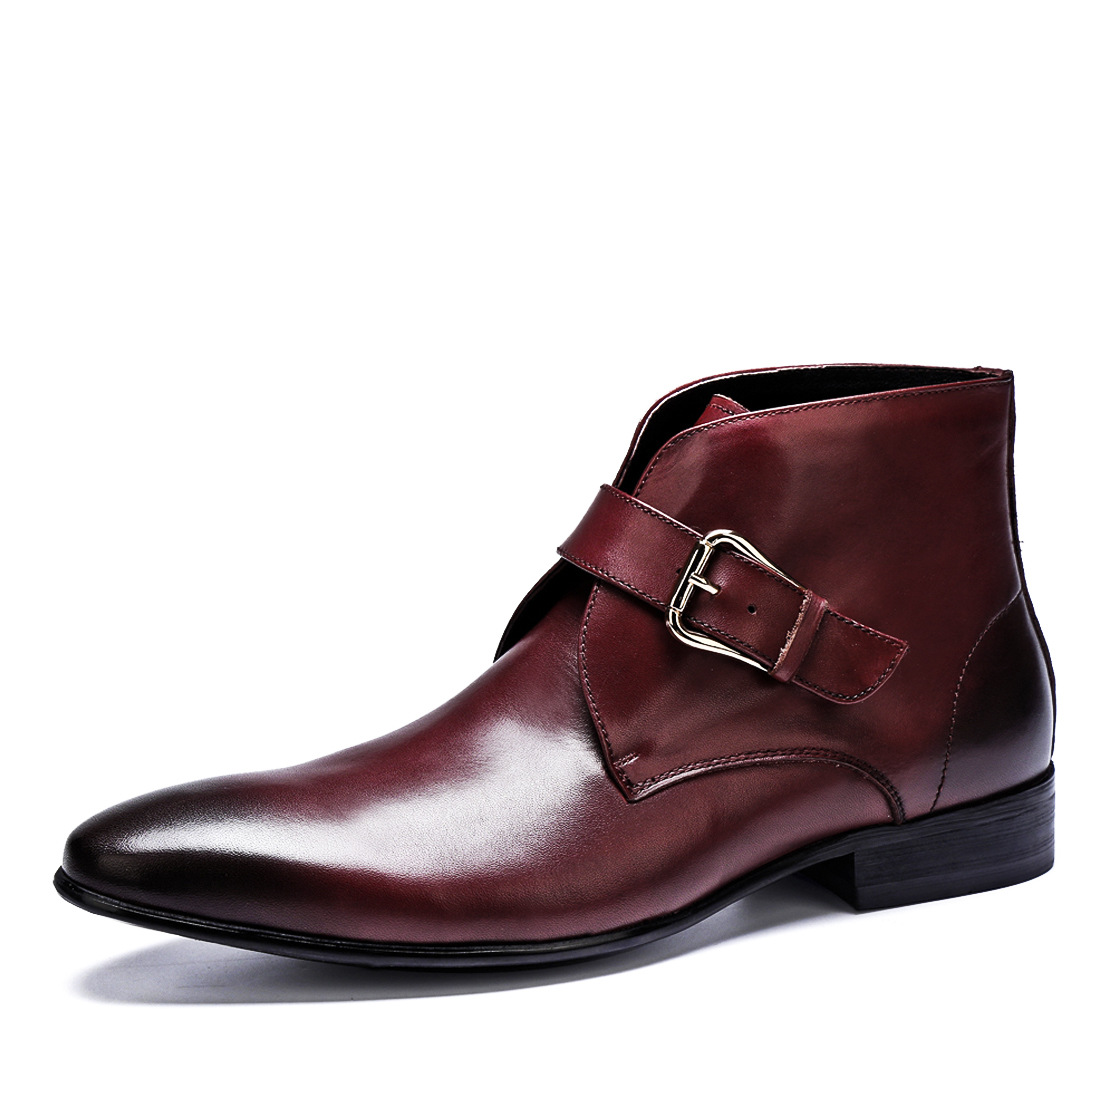 Boots Homens Dedo Inverno Luxo Com Projeto Moda Curtas marrom Apontado Da Homem Plana Botas Couro Chelsea Ankle Preto Genuíno Dos Marca De Fivela Pulseira ORwqrY45w